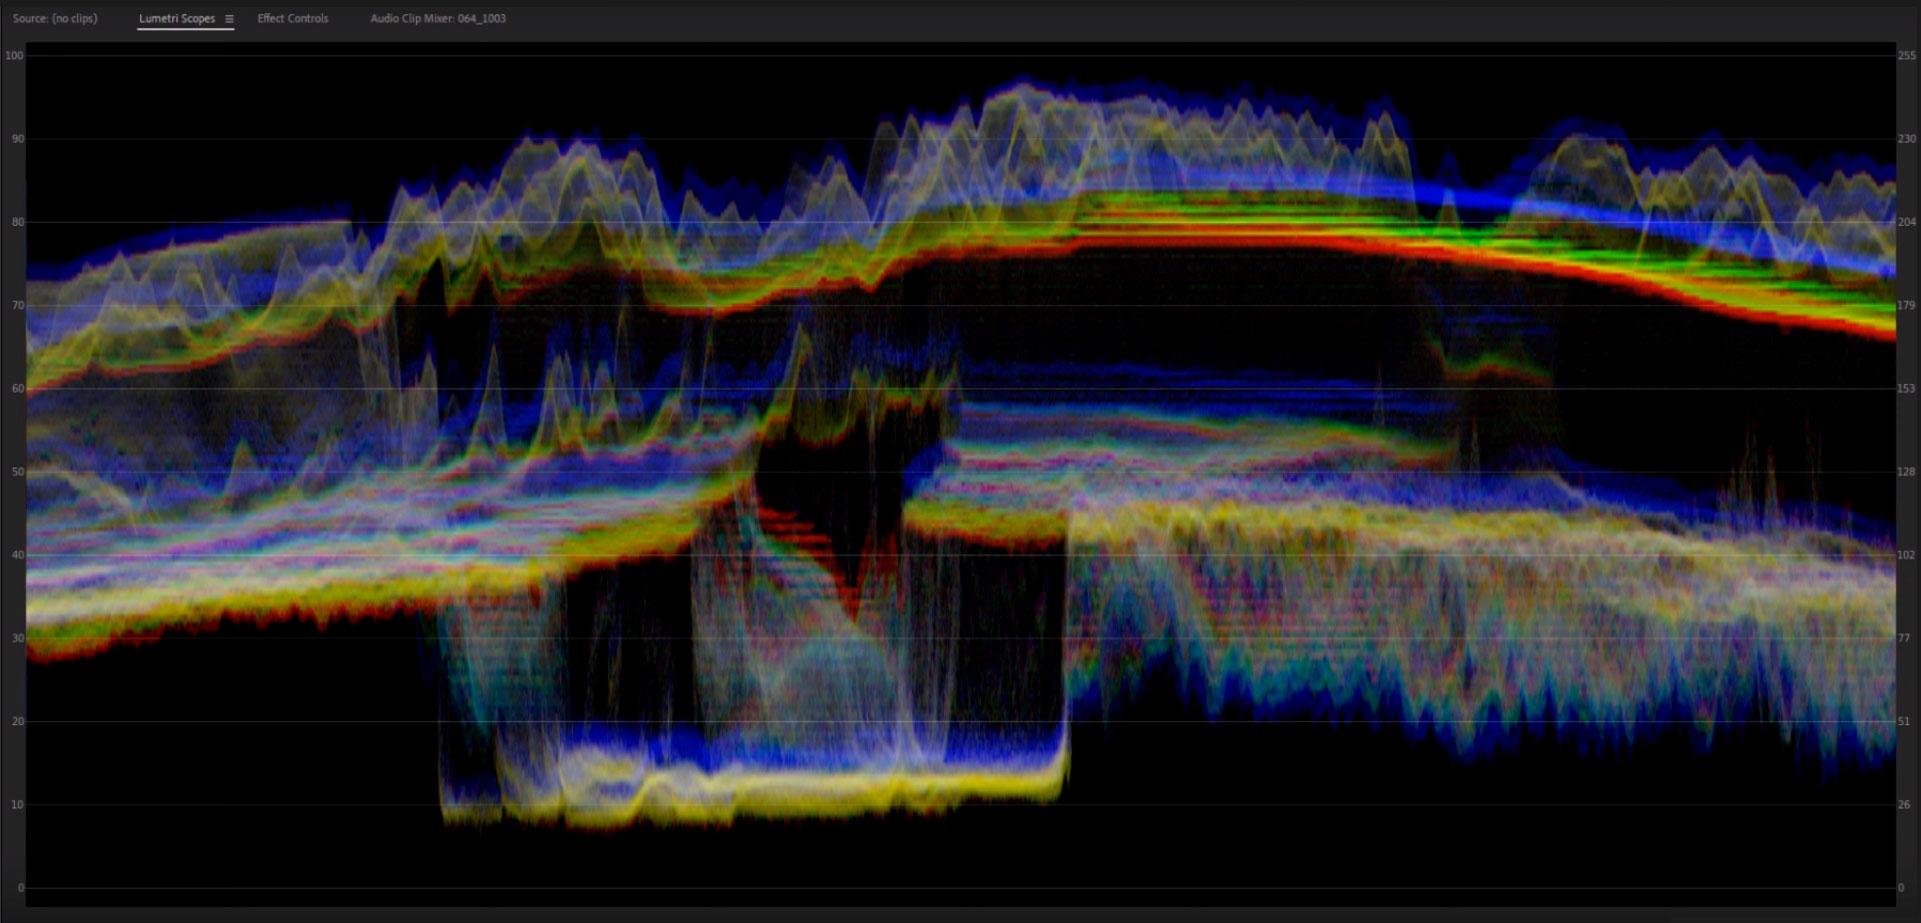 Lumetri Scopes in Adobe Premiere Pro